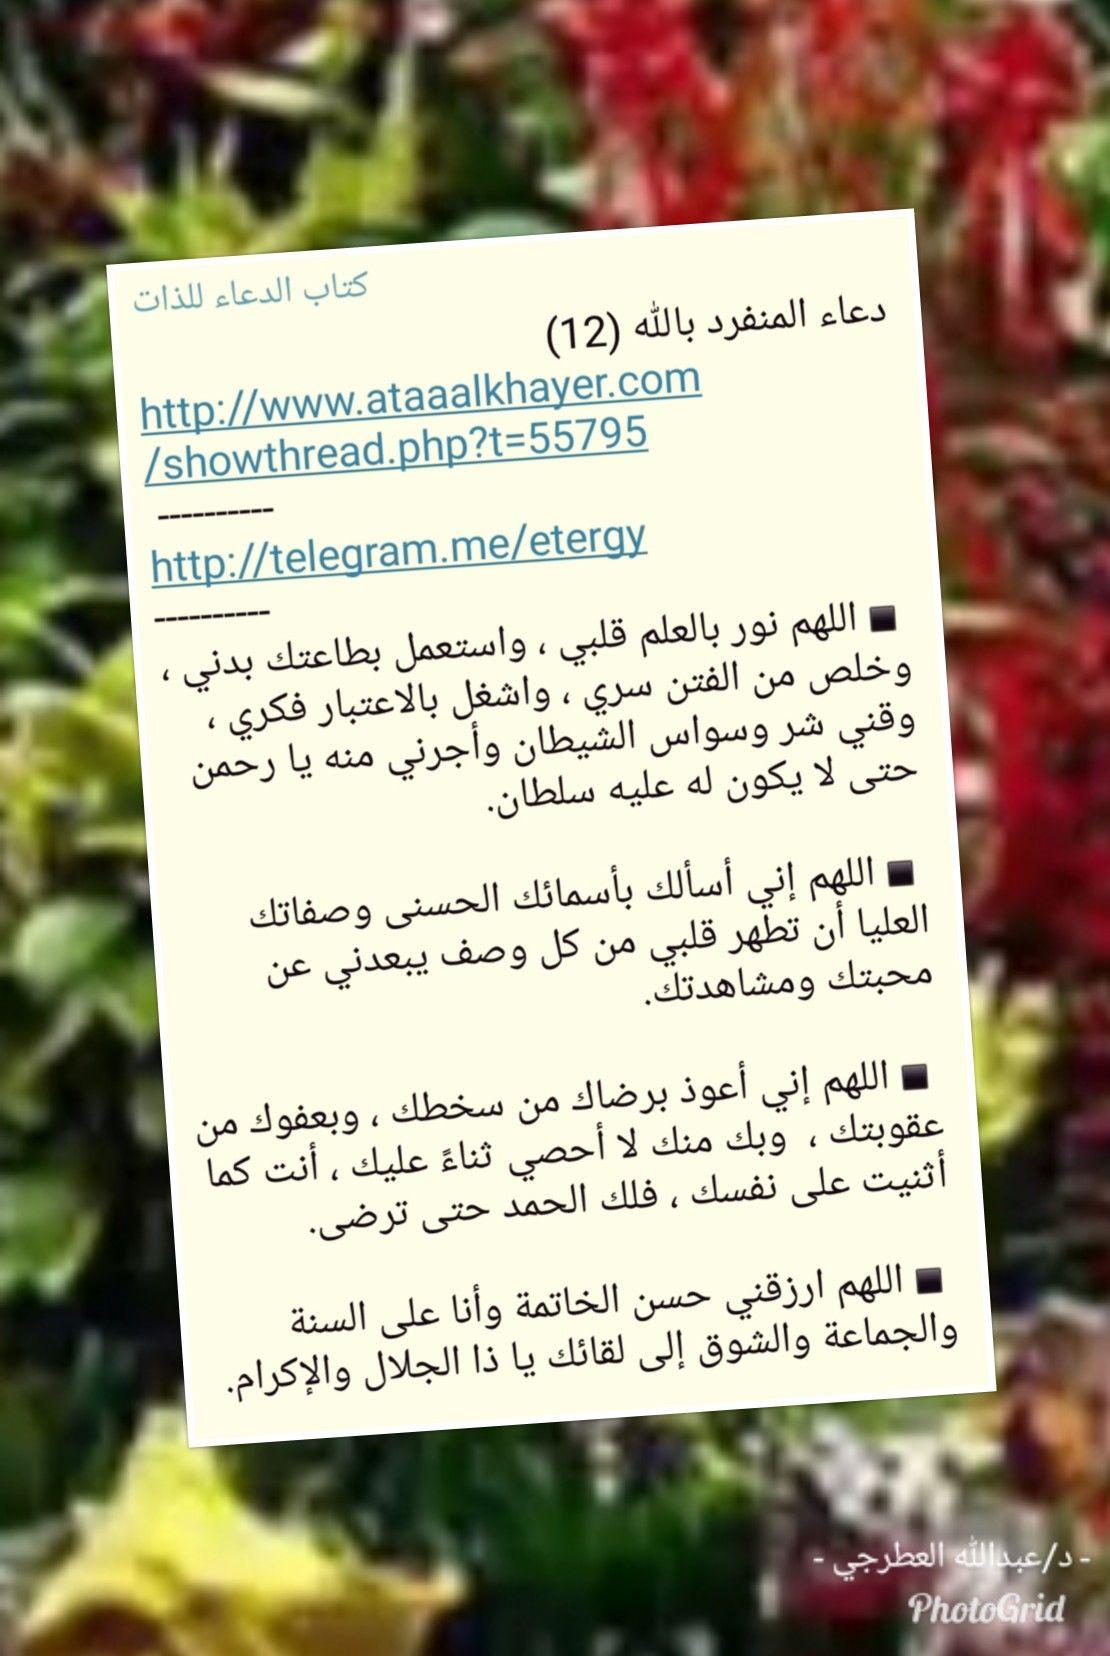 دعاء المنفرد بالله 12 Http Www Ataaalkhayer Com Showthread Php T 55795 Http Telegram Me Etergy Place Card Holders Place Cards Card Holder